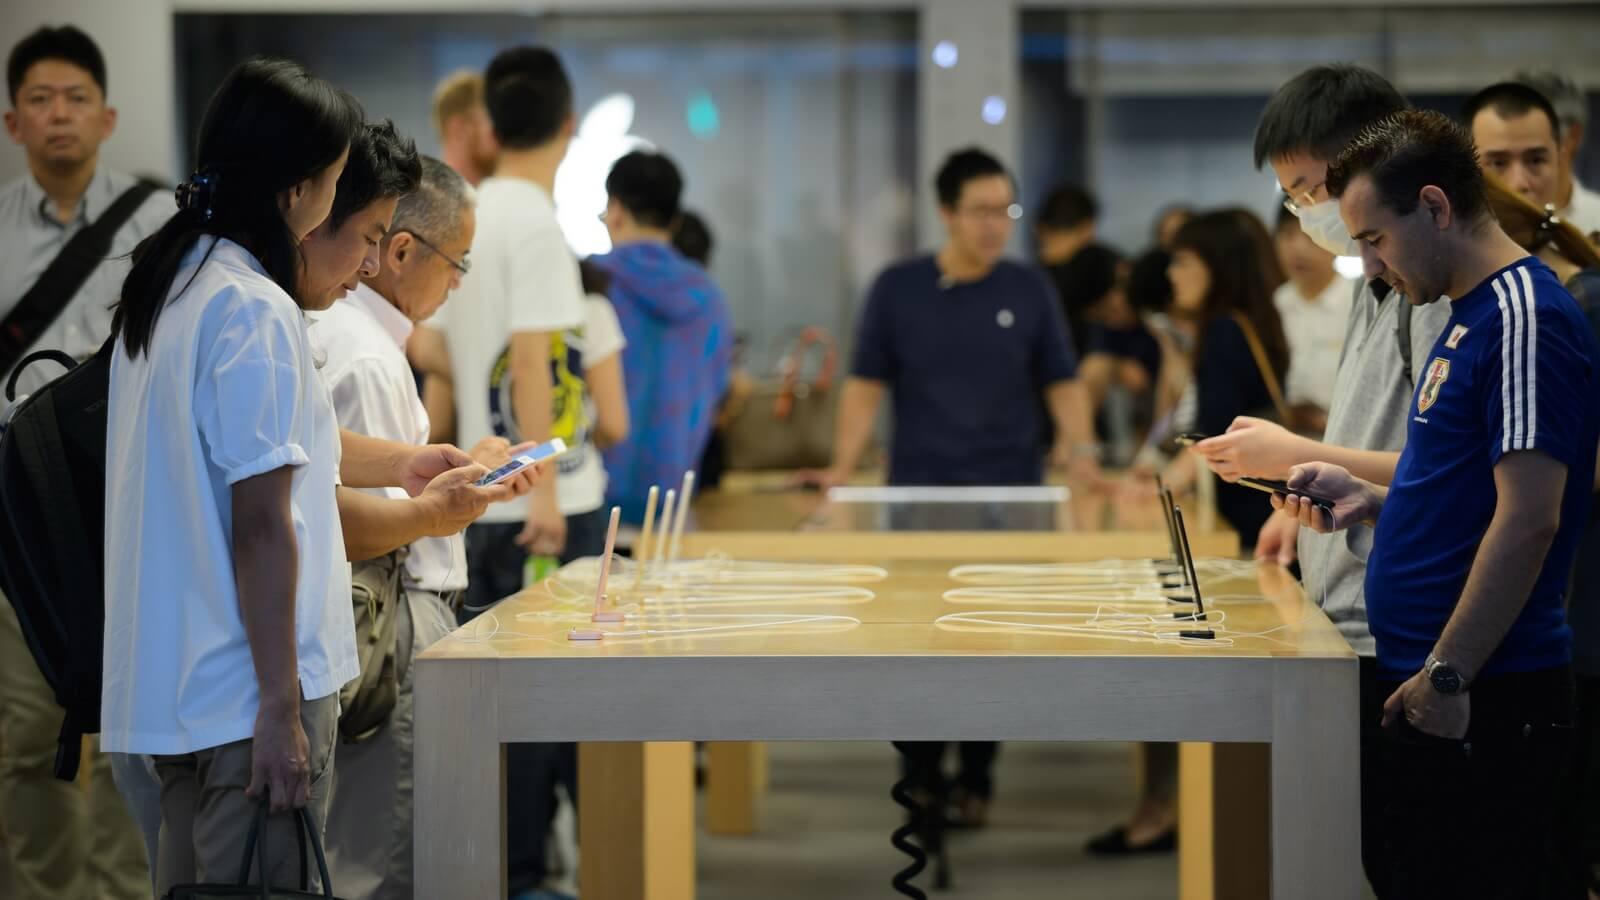 ФАС ужесточает требования к онлайн-магазинам: коснется ли это Apple?